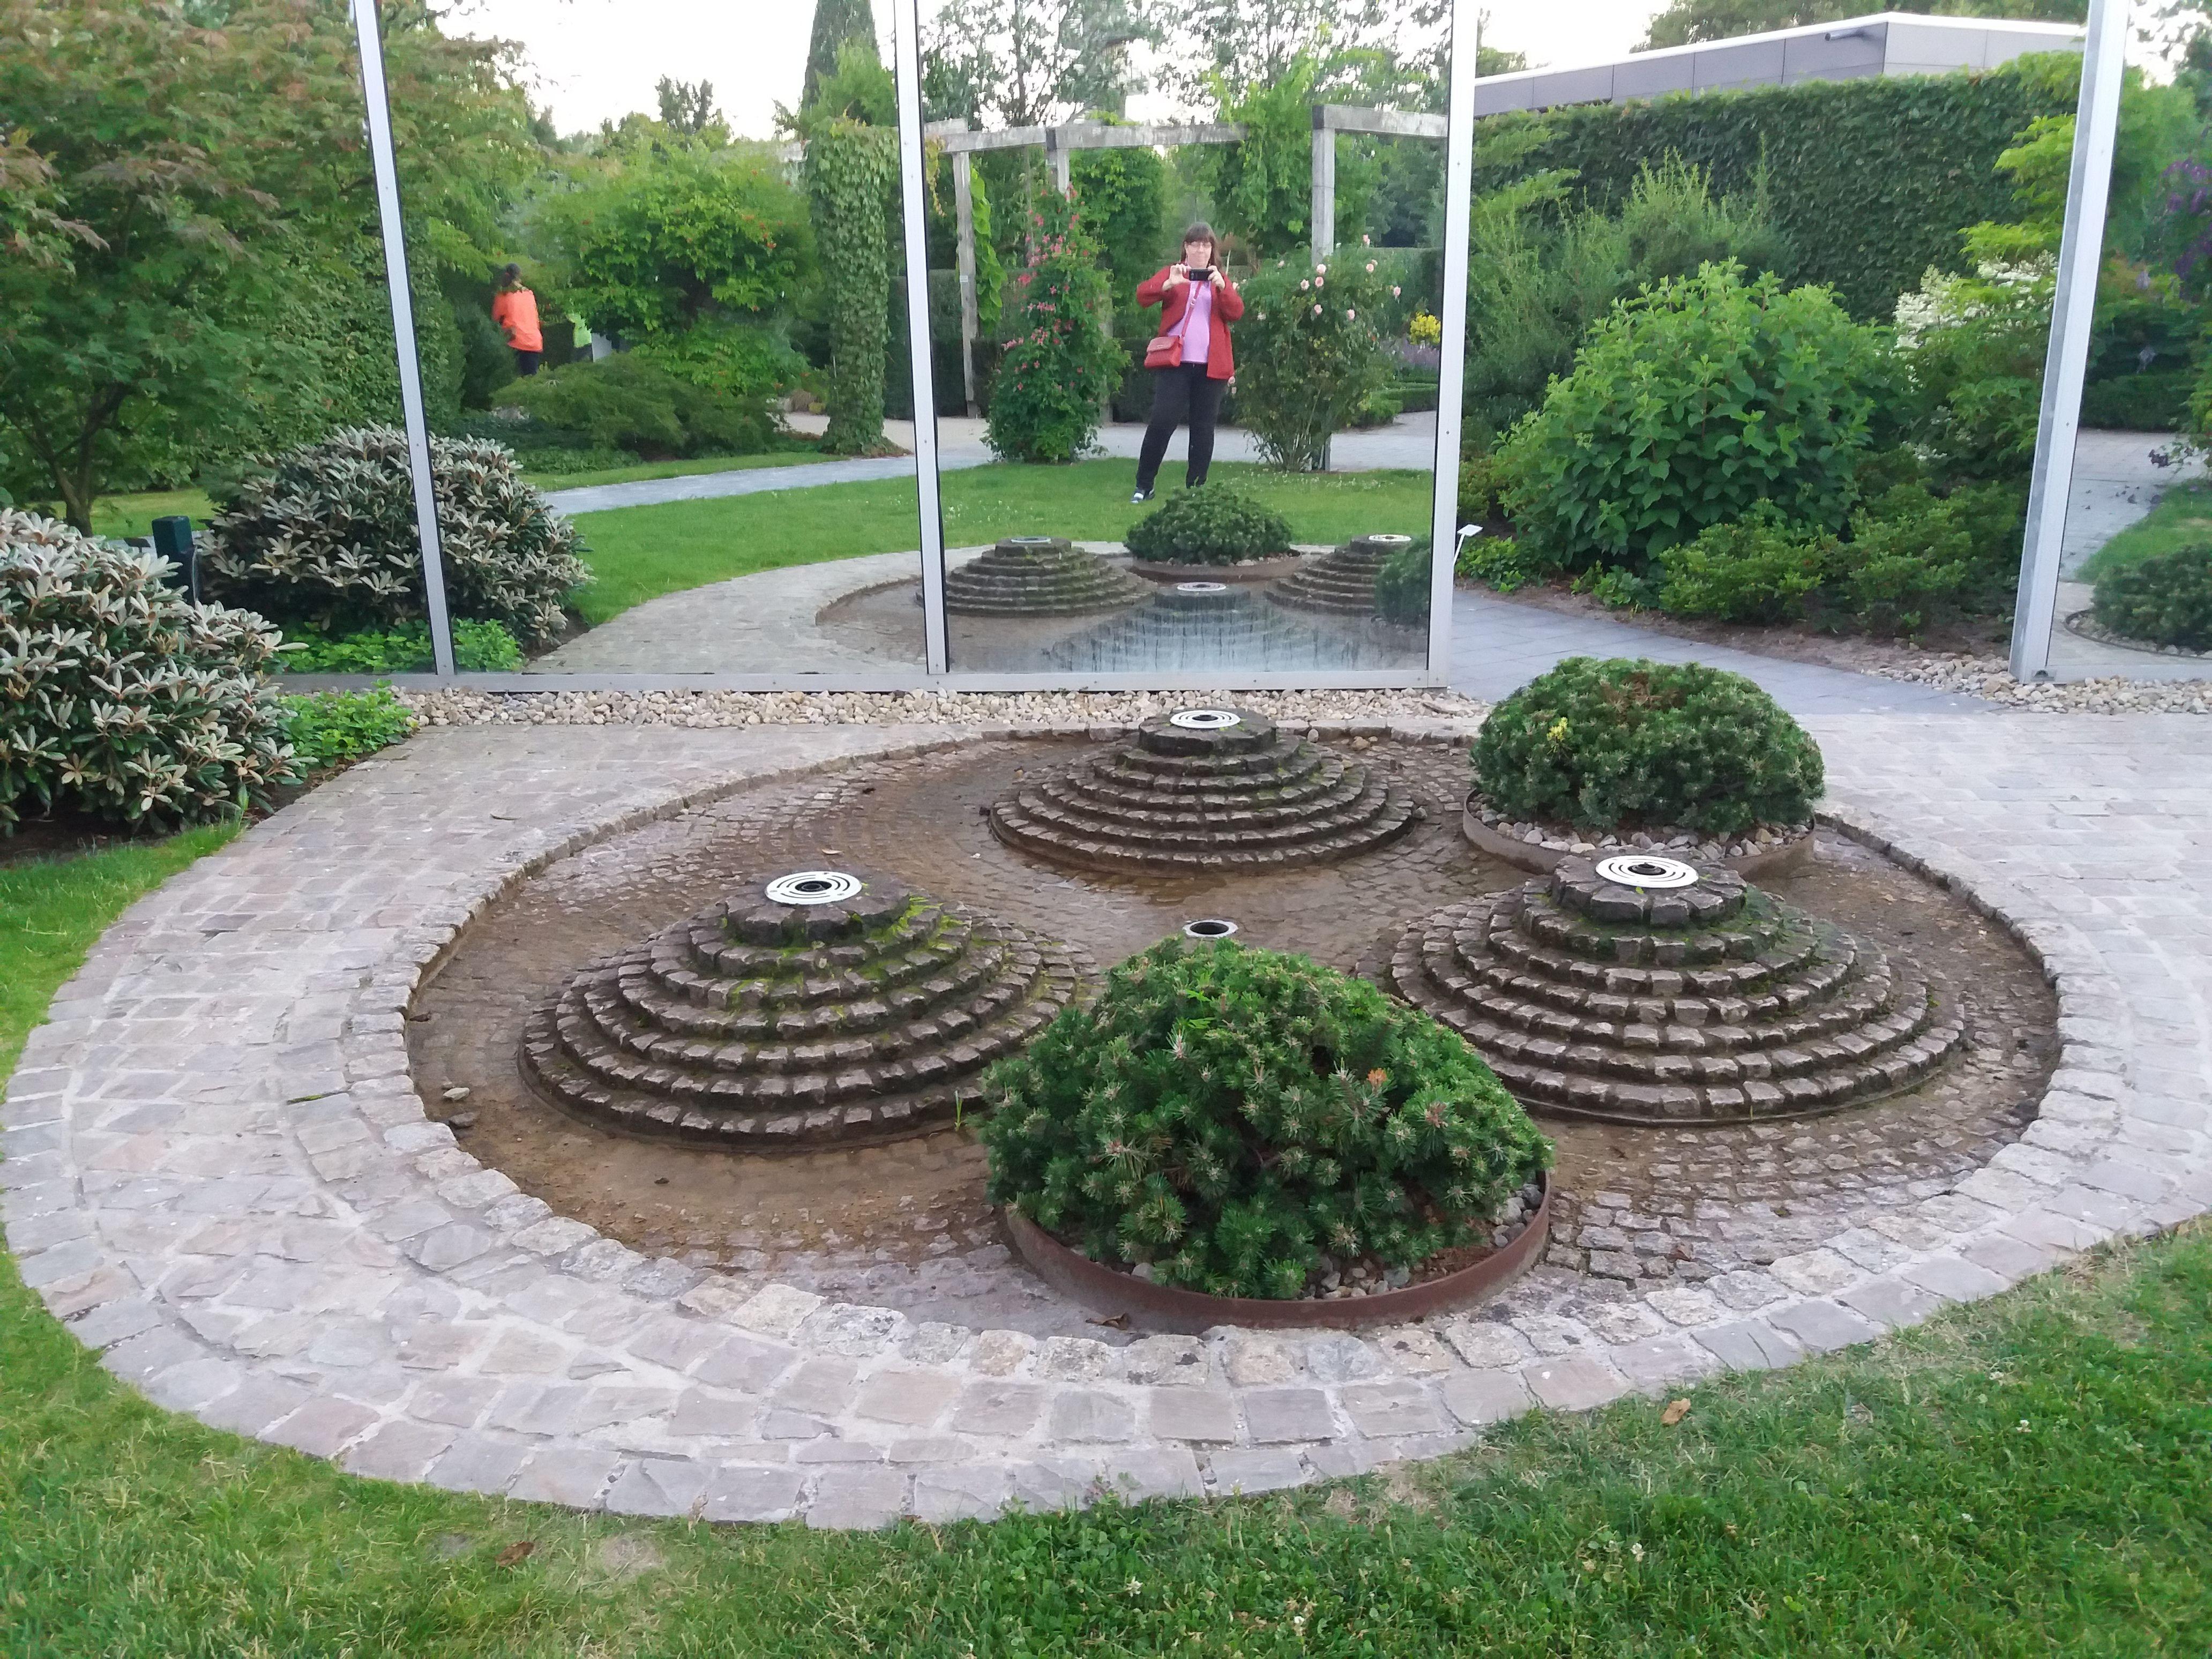 Gartenimpressionen Vom Park Der Garten In Bad Zwischenahn In Deutschland Germany Garten Garden Gartengestaltung Garten Garten Gartenkunst Garten Deko